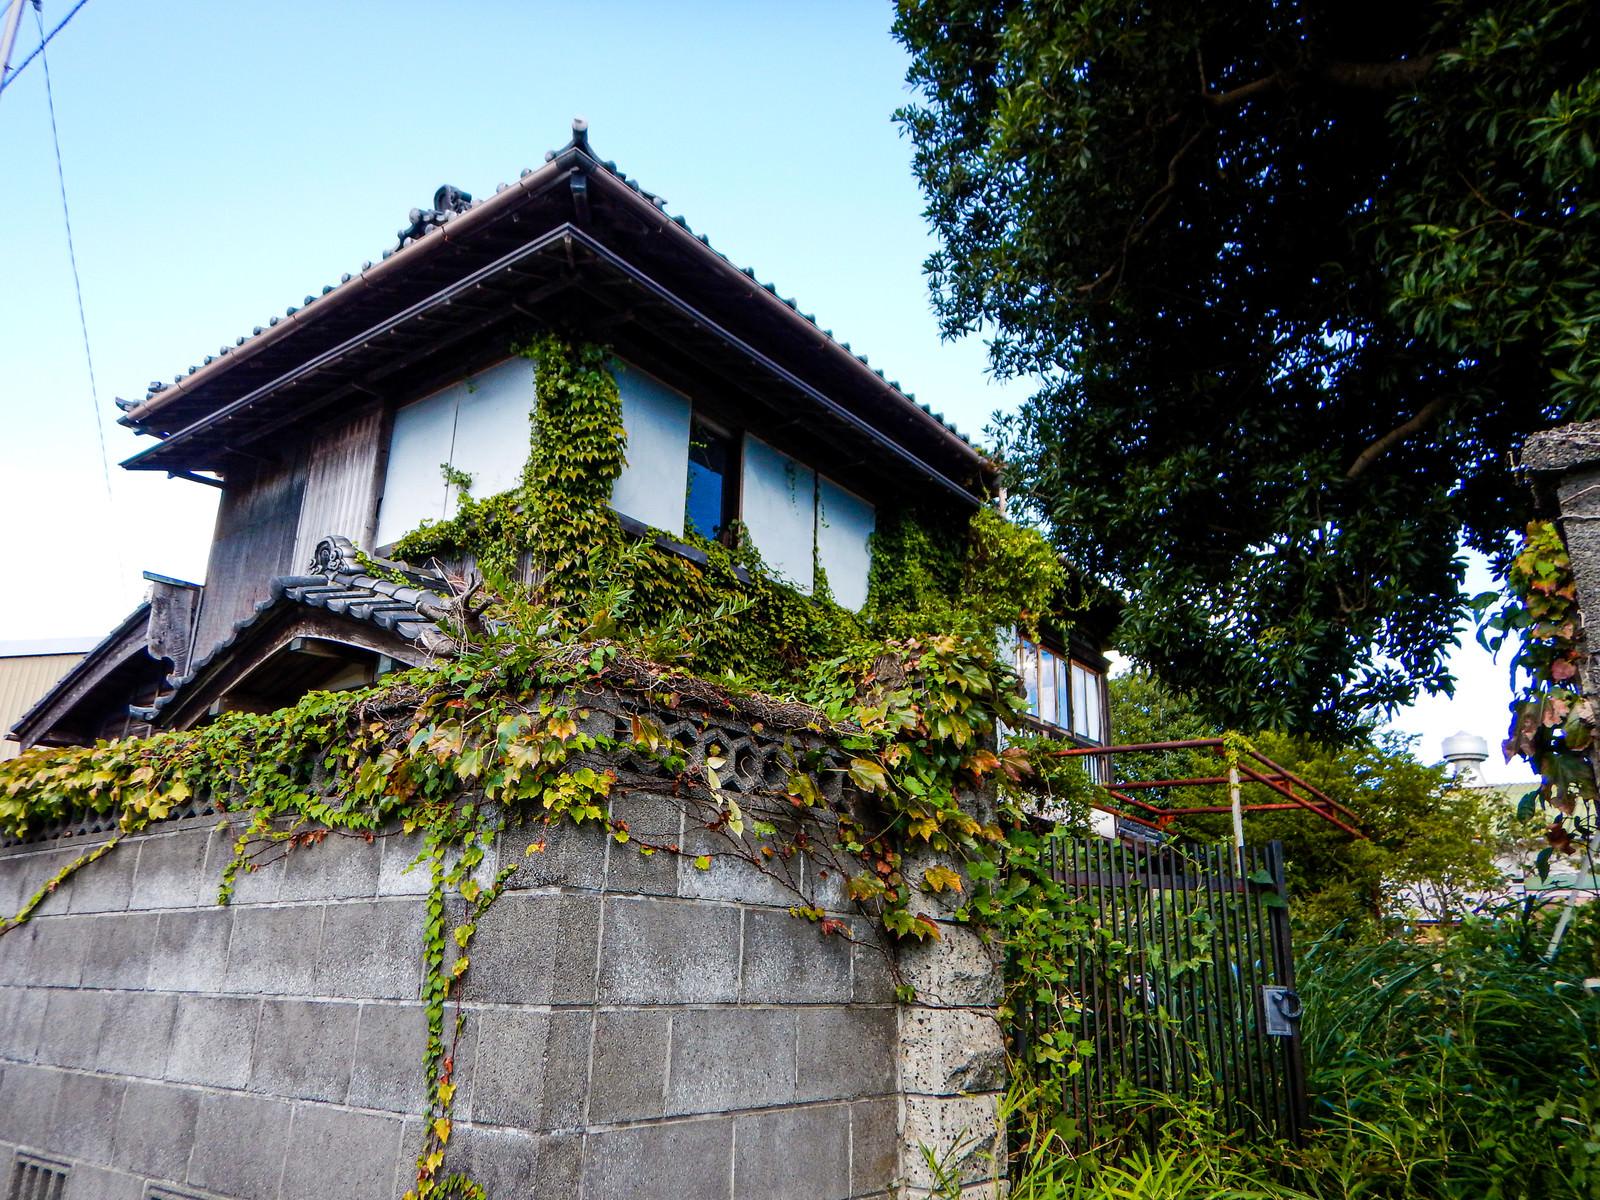 「ツタの張った廃屋の一軒家」の写真